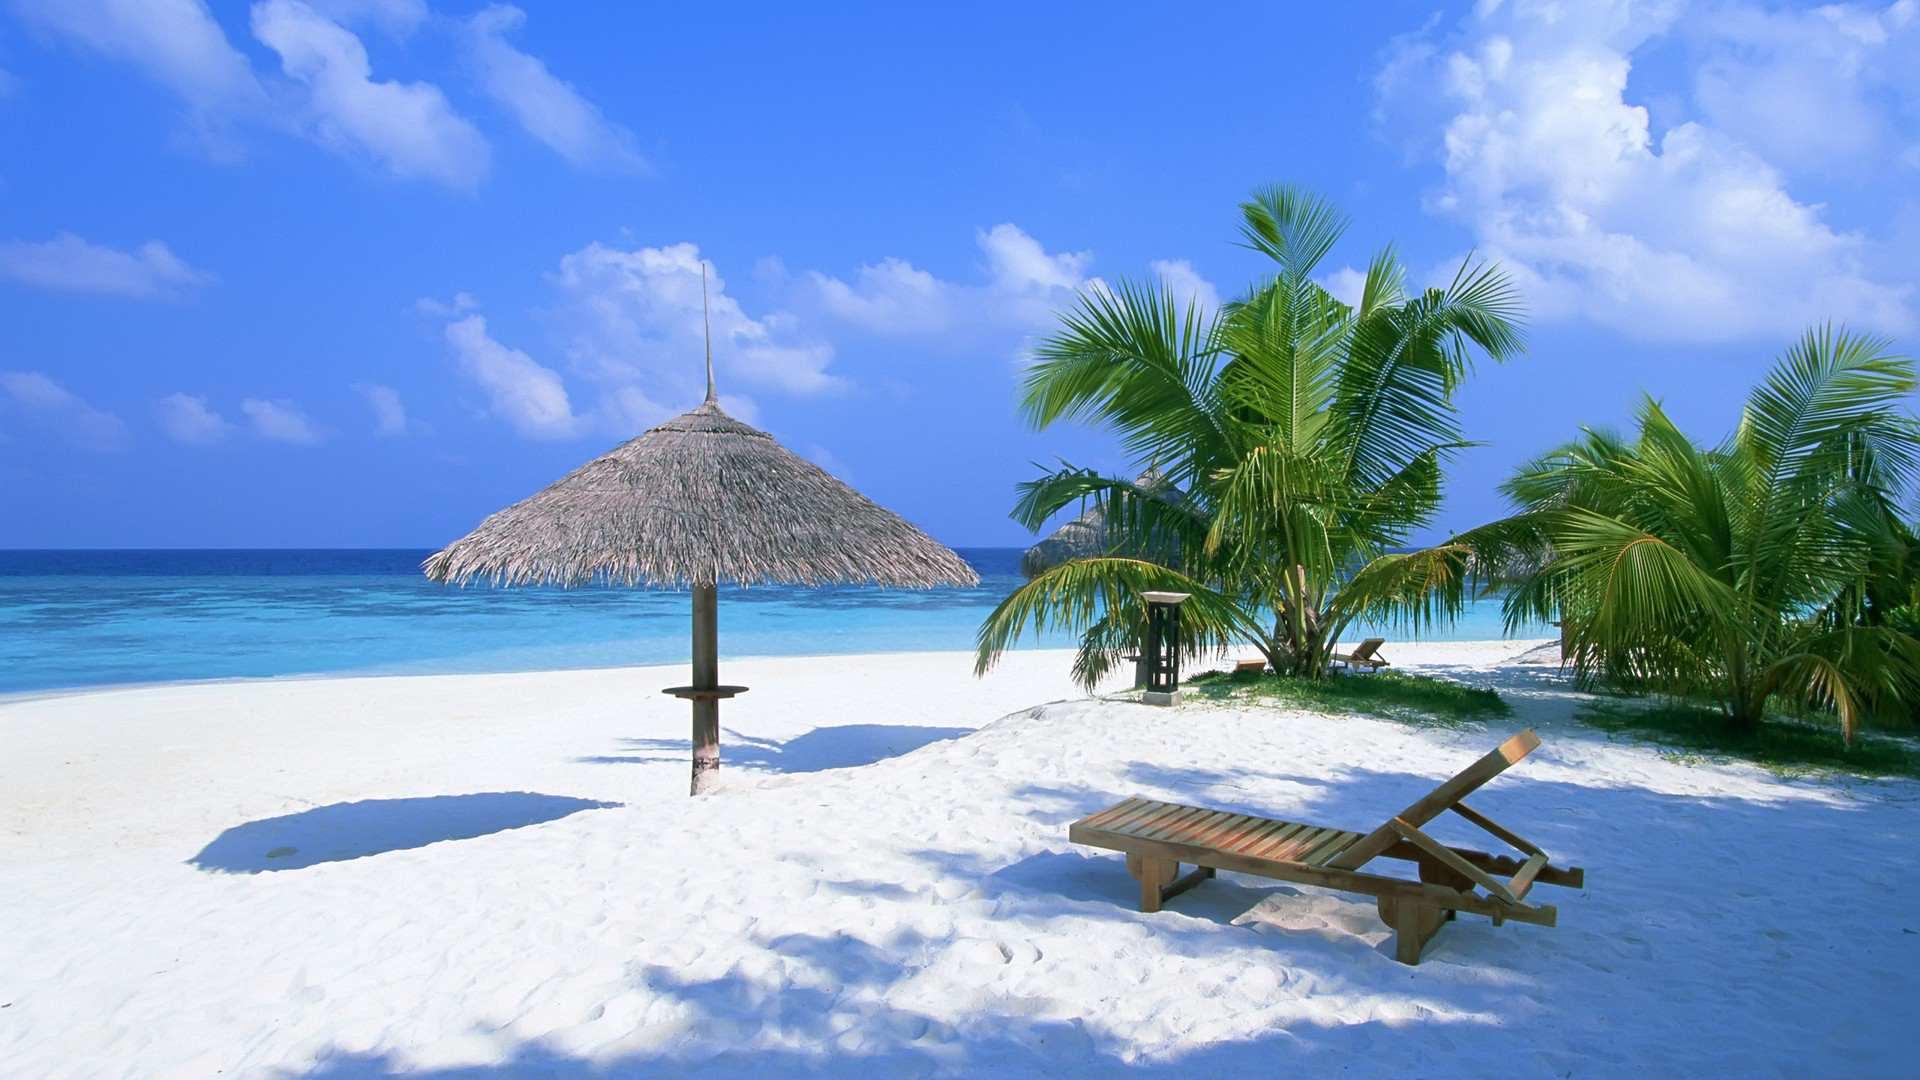 Hình nền máy tính HD bãi biển trong xanh ngày nắng đẹp